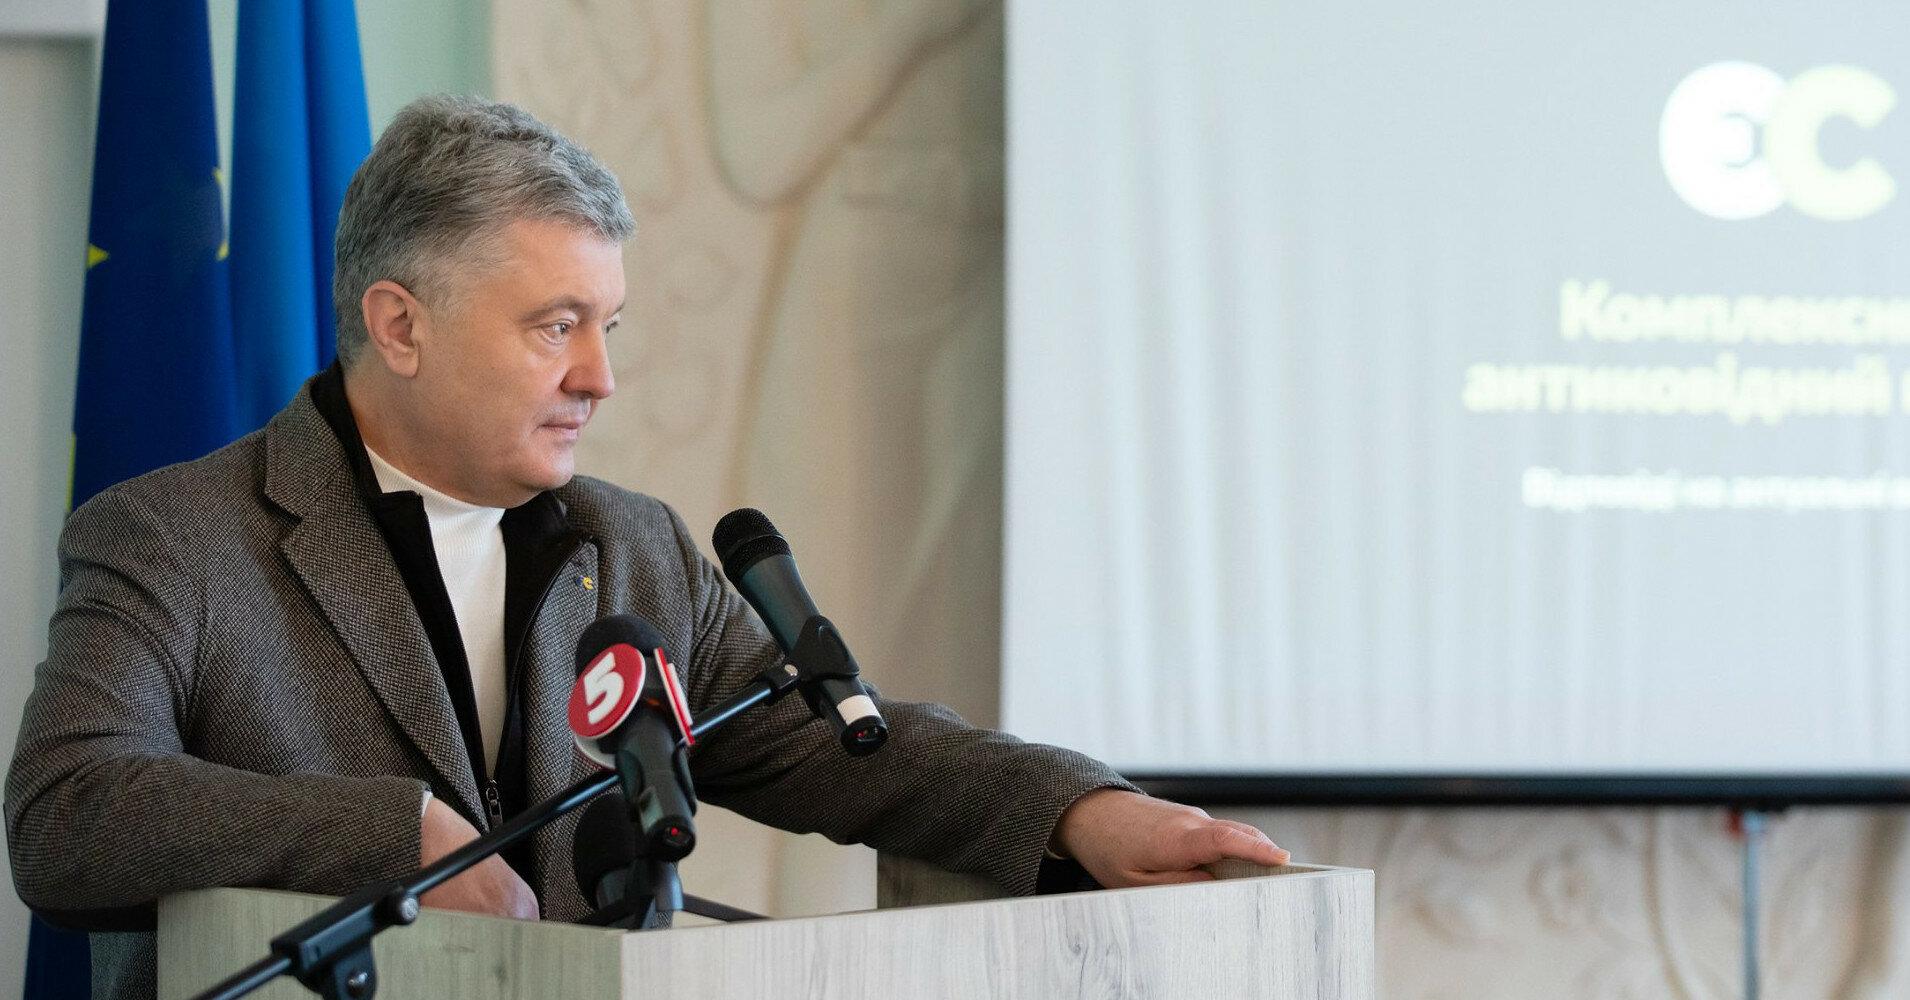 Порошенко сравнил статью Путина об Украине с Mein Kampf Гитлера